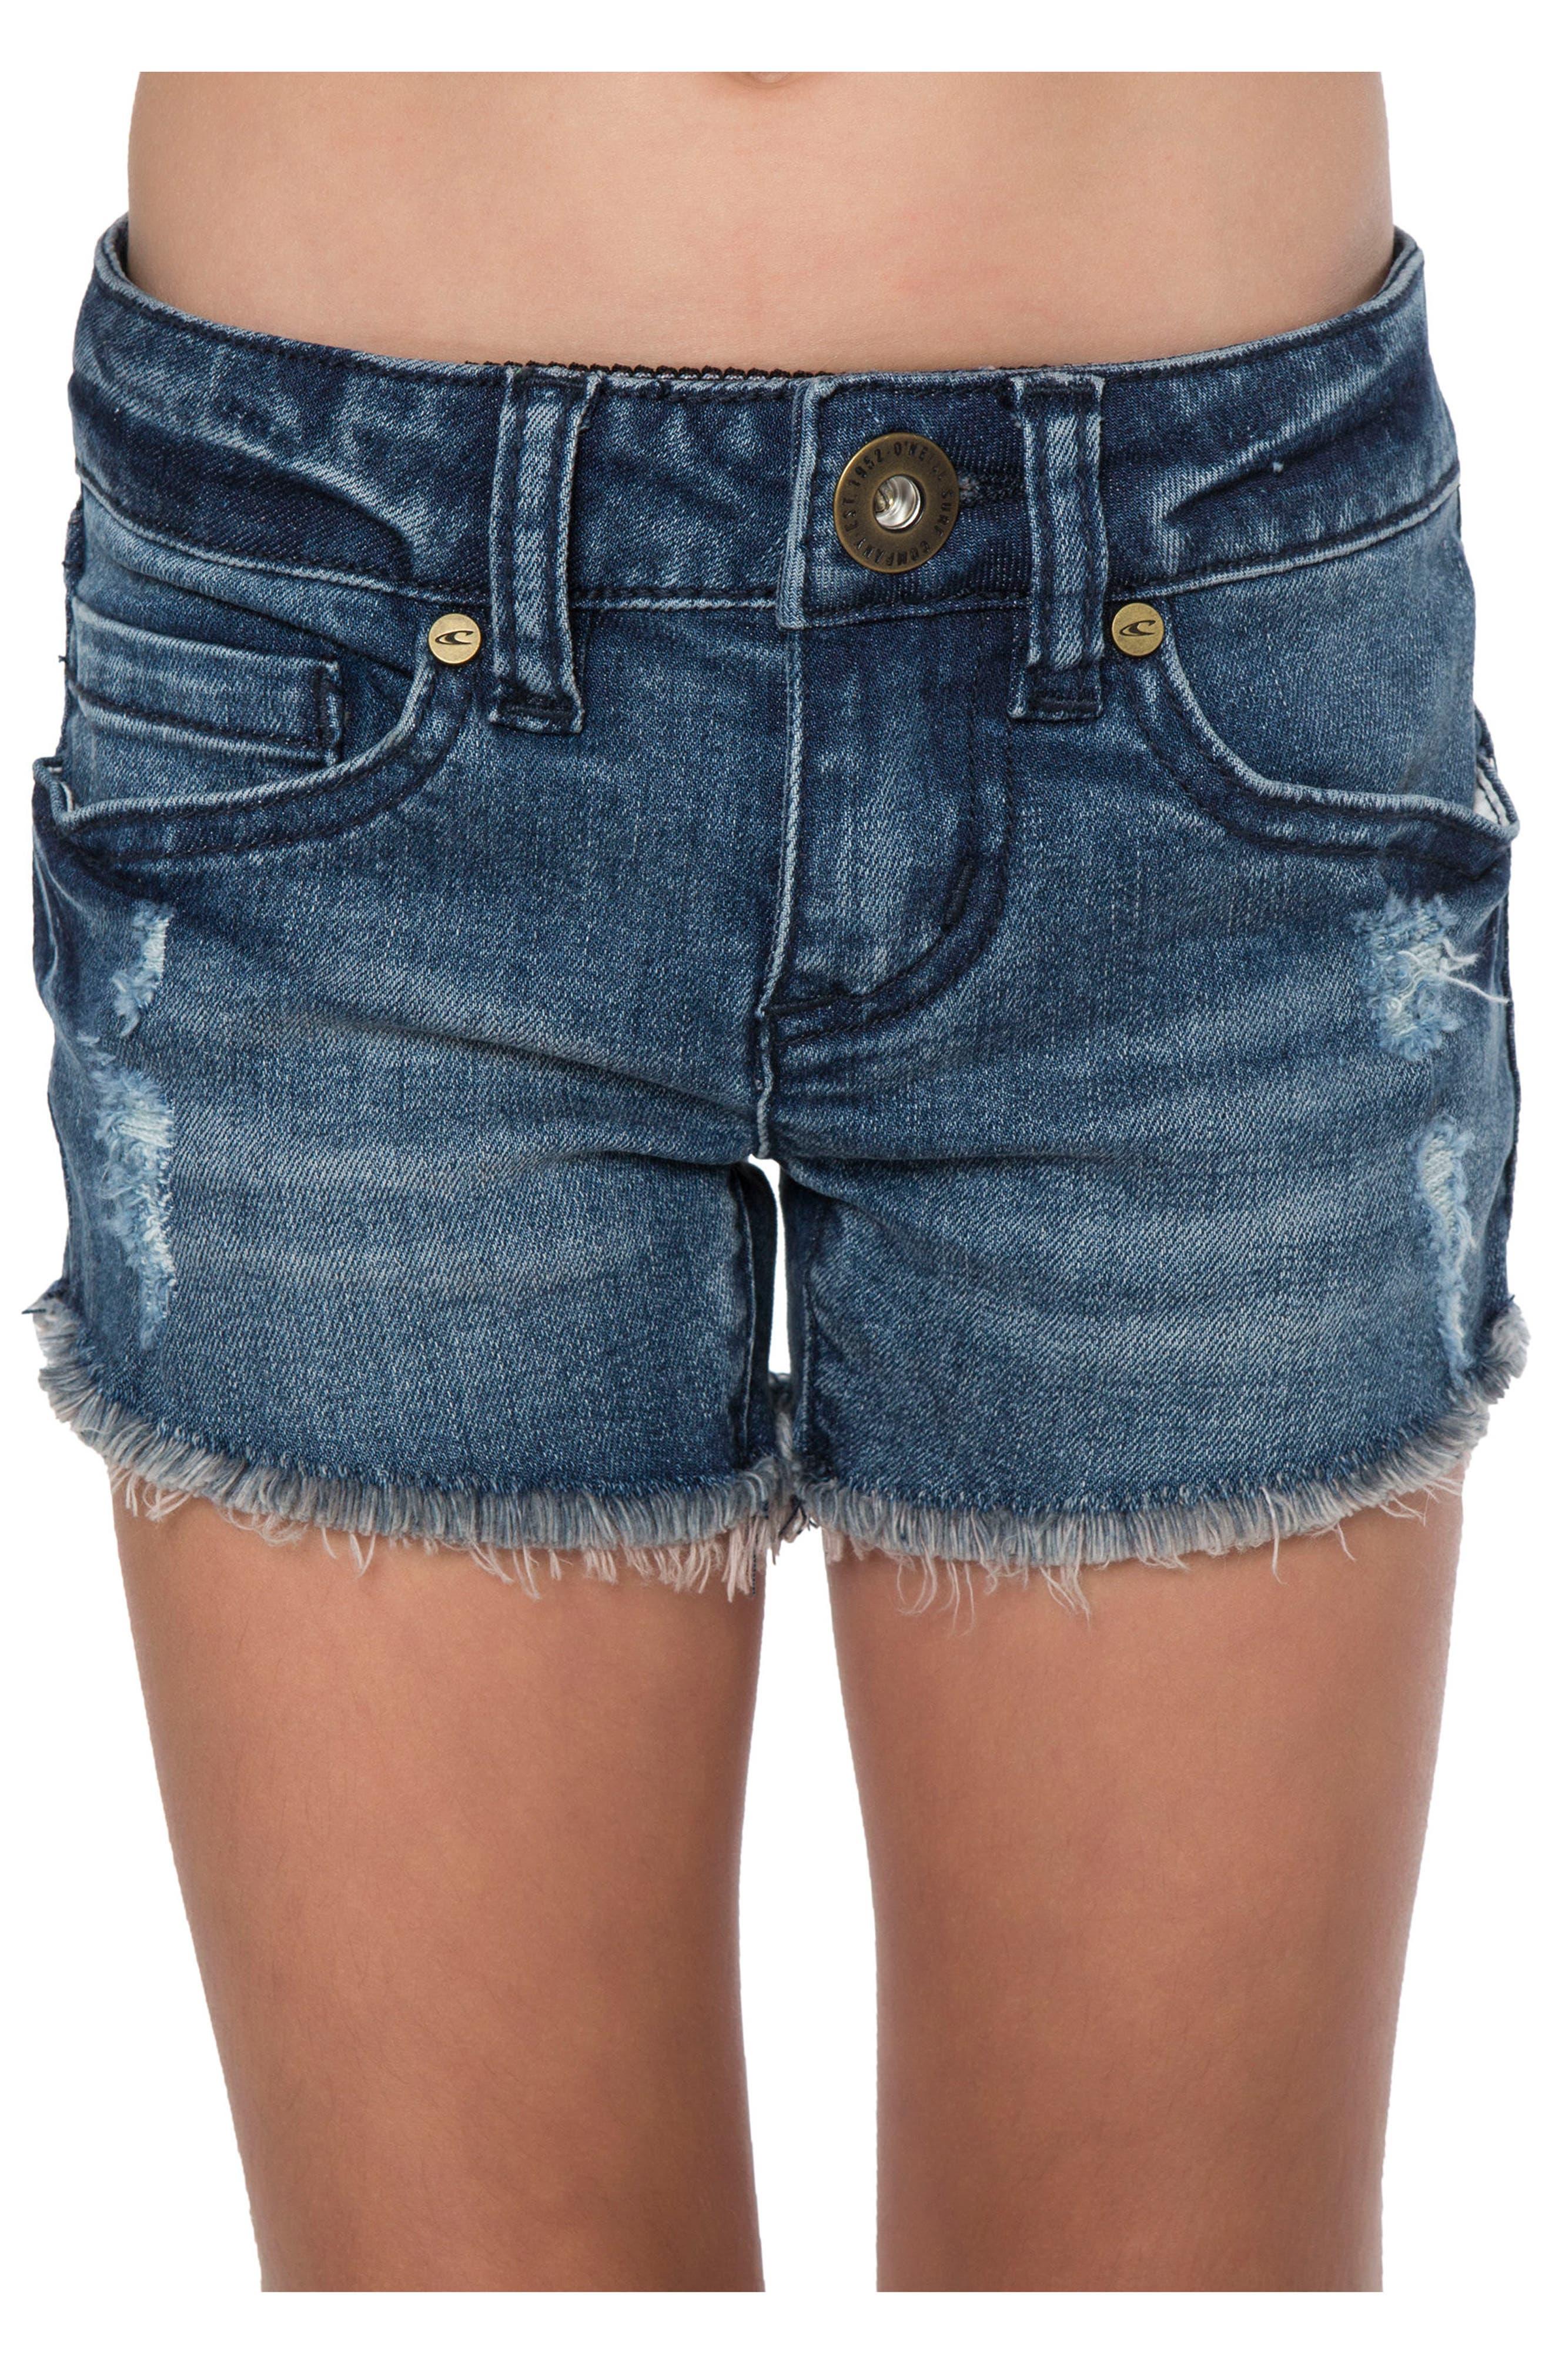 Compass Cutoff Shorts,                         Main,                         color,